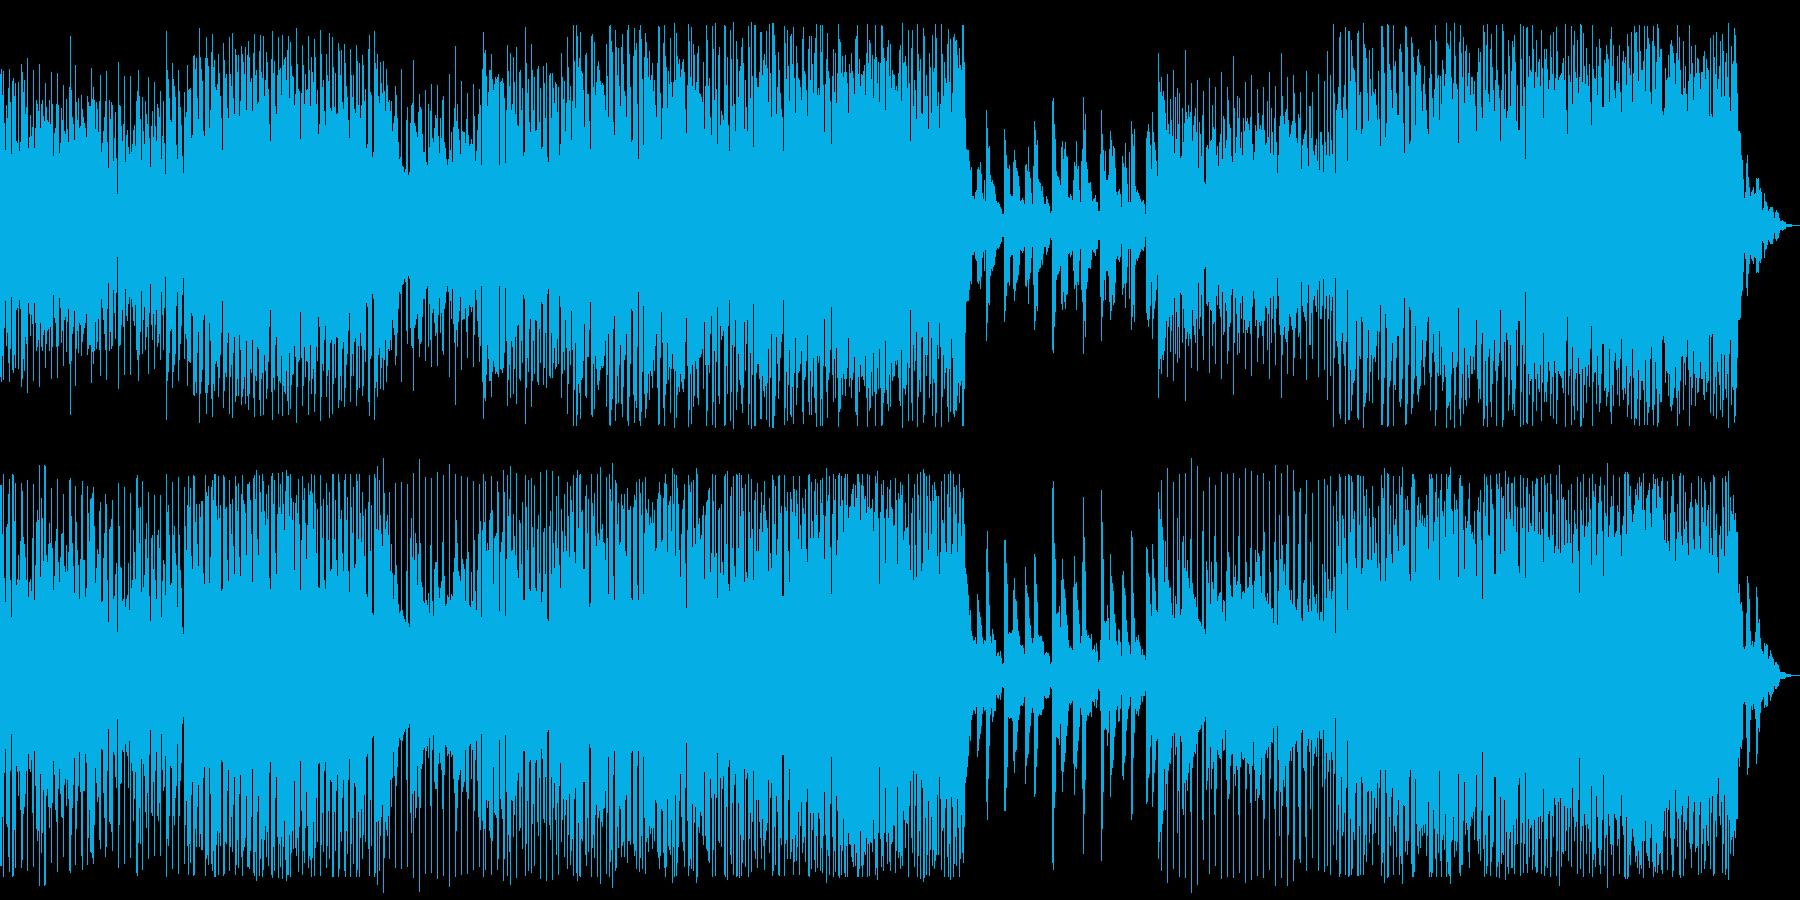 煌びやかなディスコ_No693_1の再生済みの波形